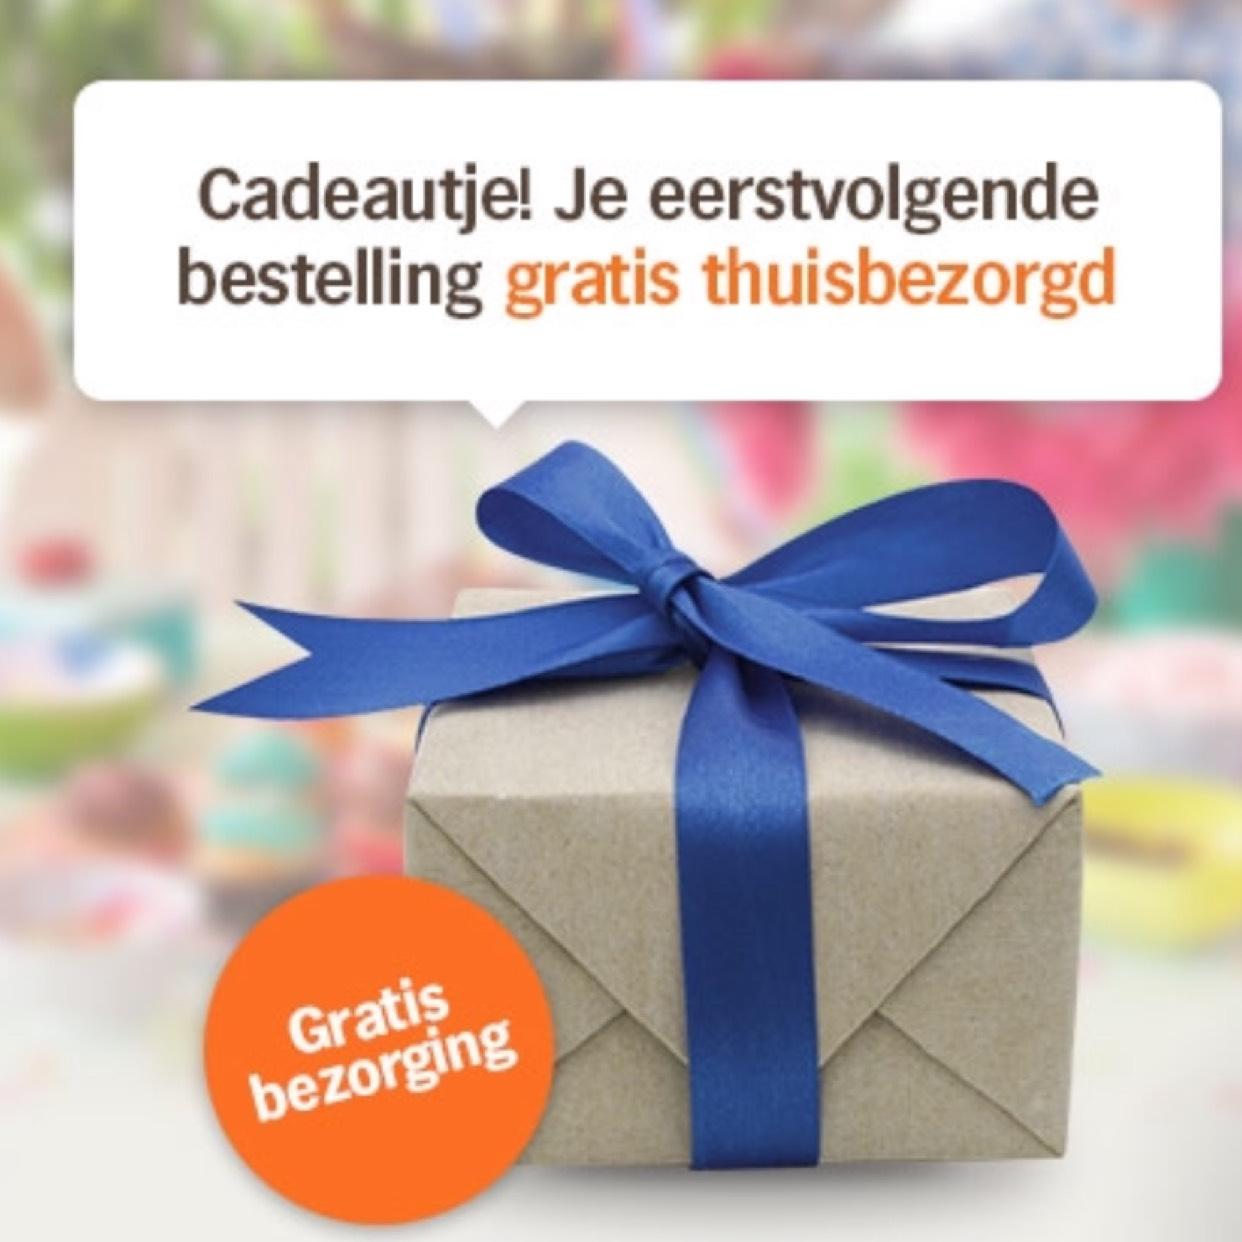 Gratis bezorging (verjaardagscode) @ Albert Heijn